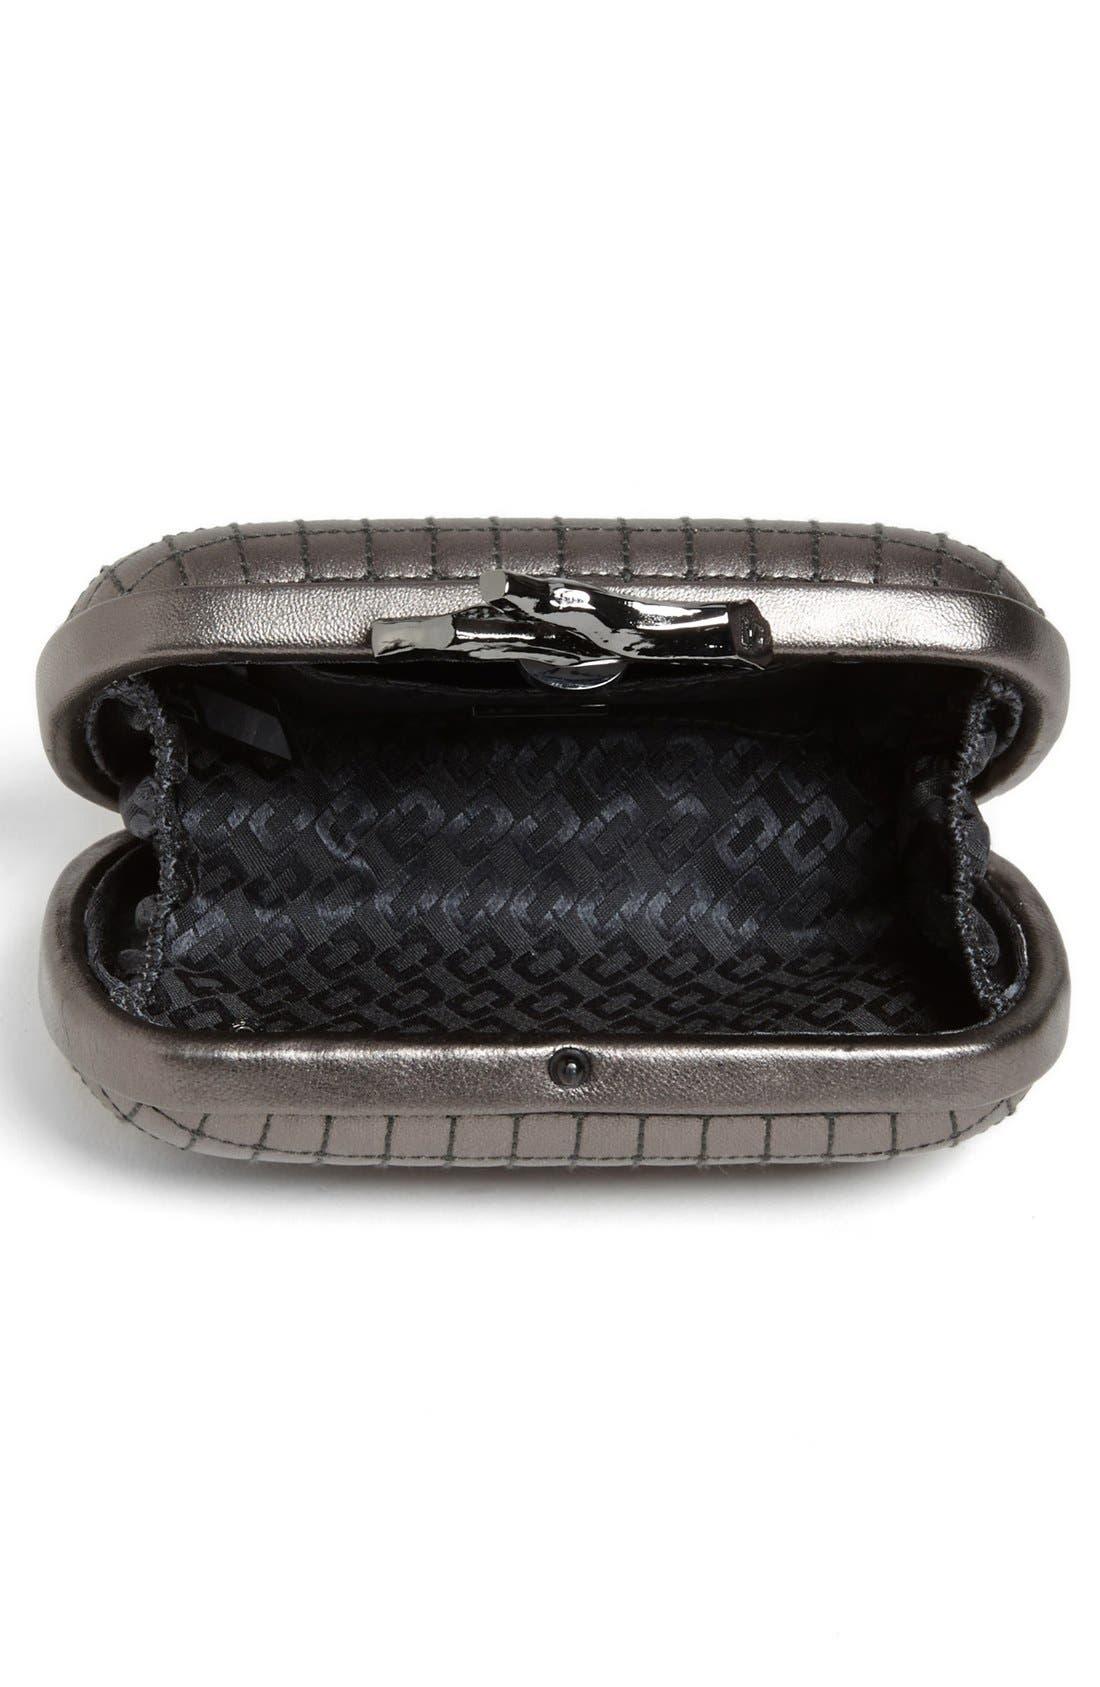 Alternate Image 3  - Diane von Furstenberg 'Lytton - Small' Quilted Metallic Leather Clutch